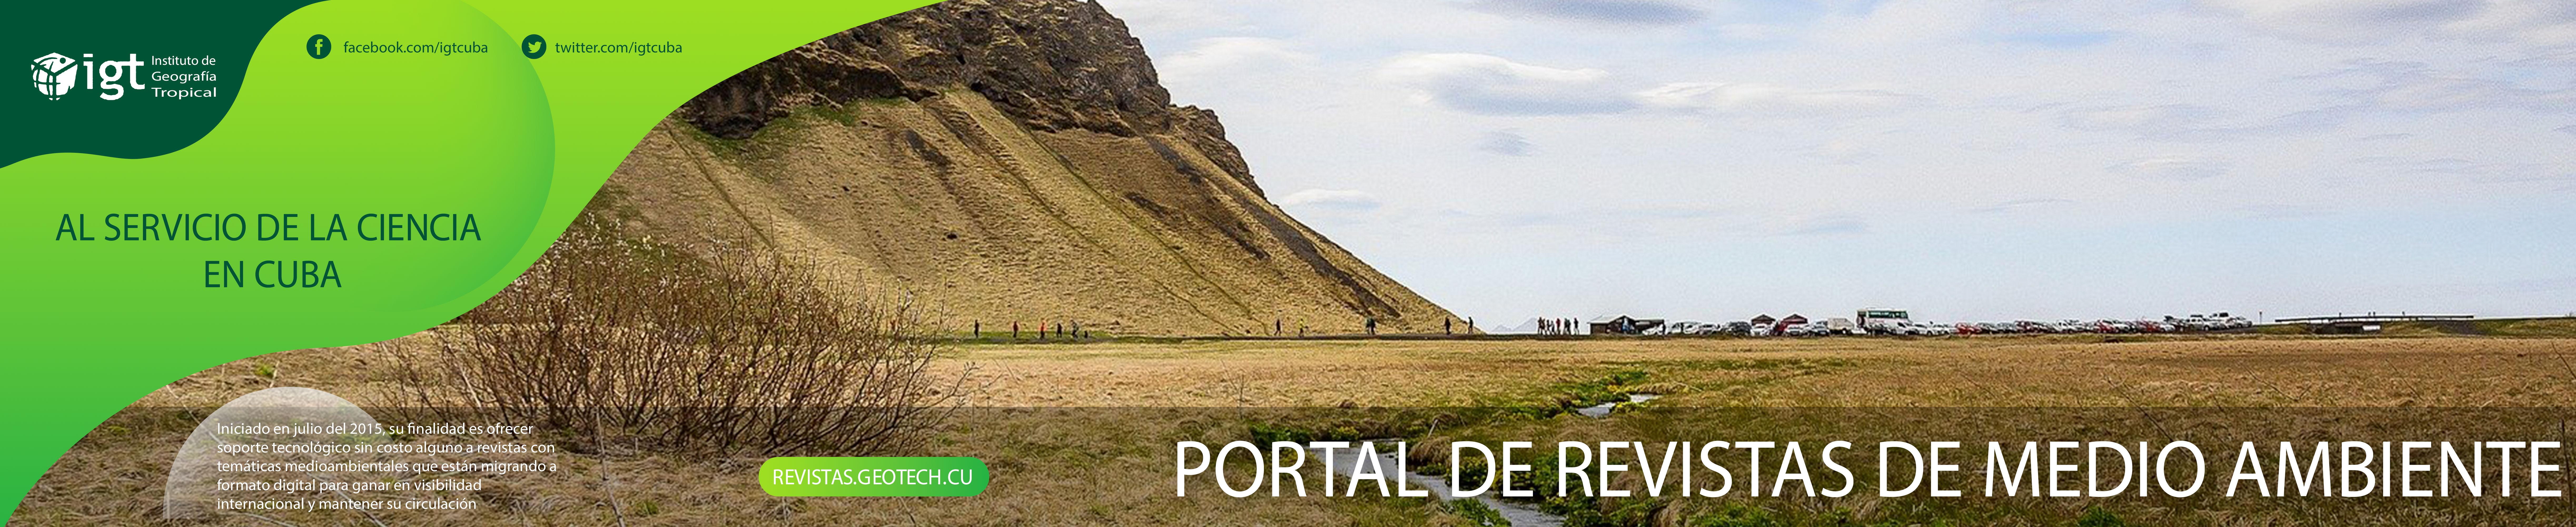 Portal de Revistas del Medio Ambiente en Cuba